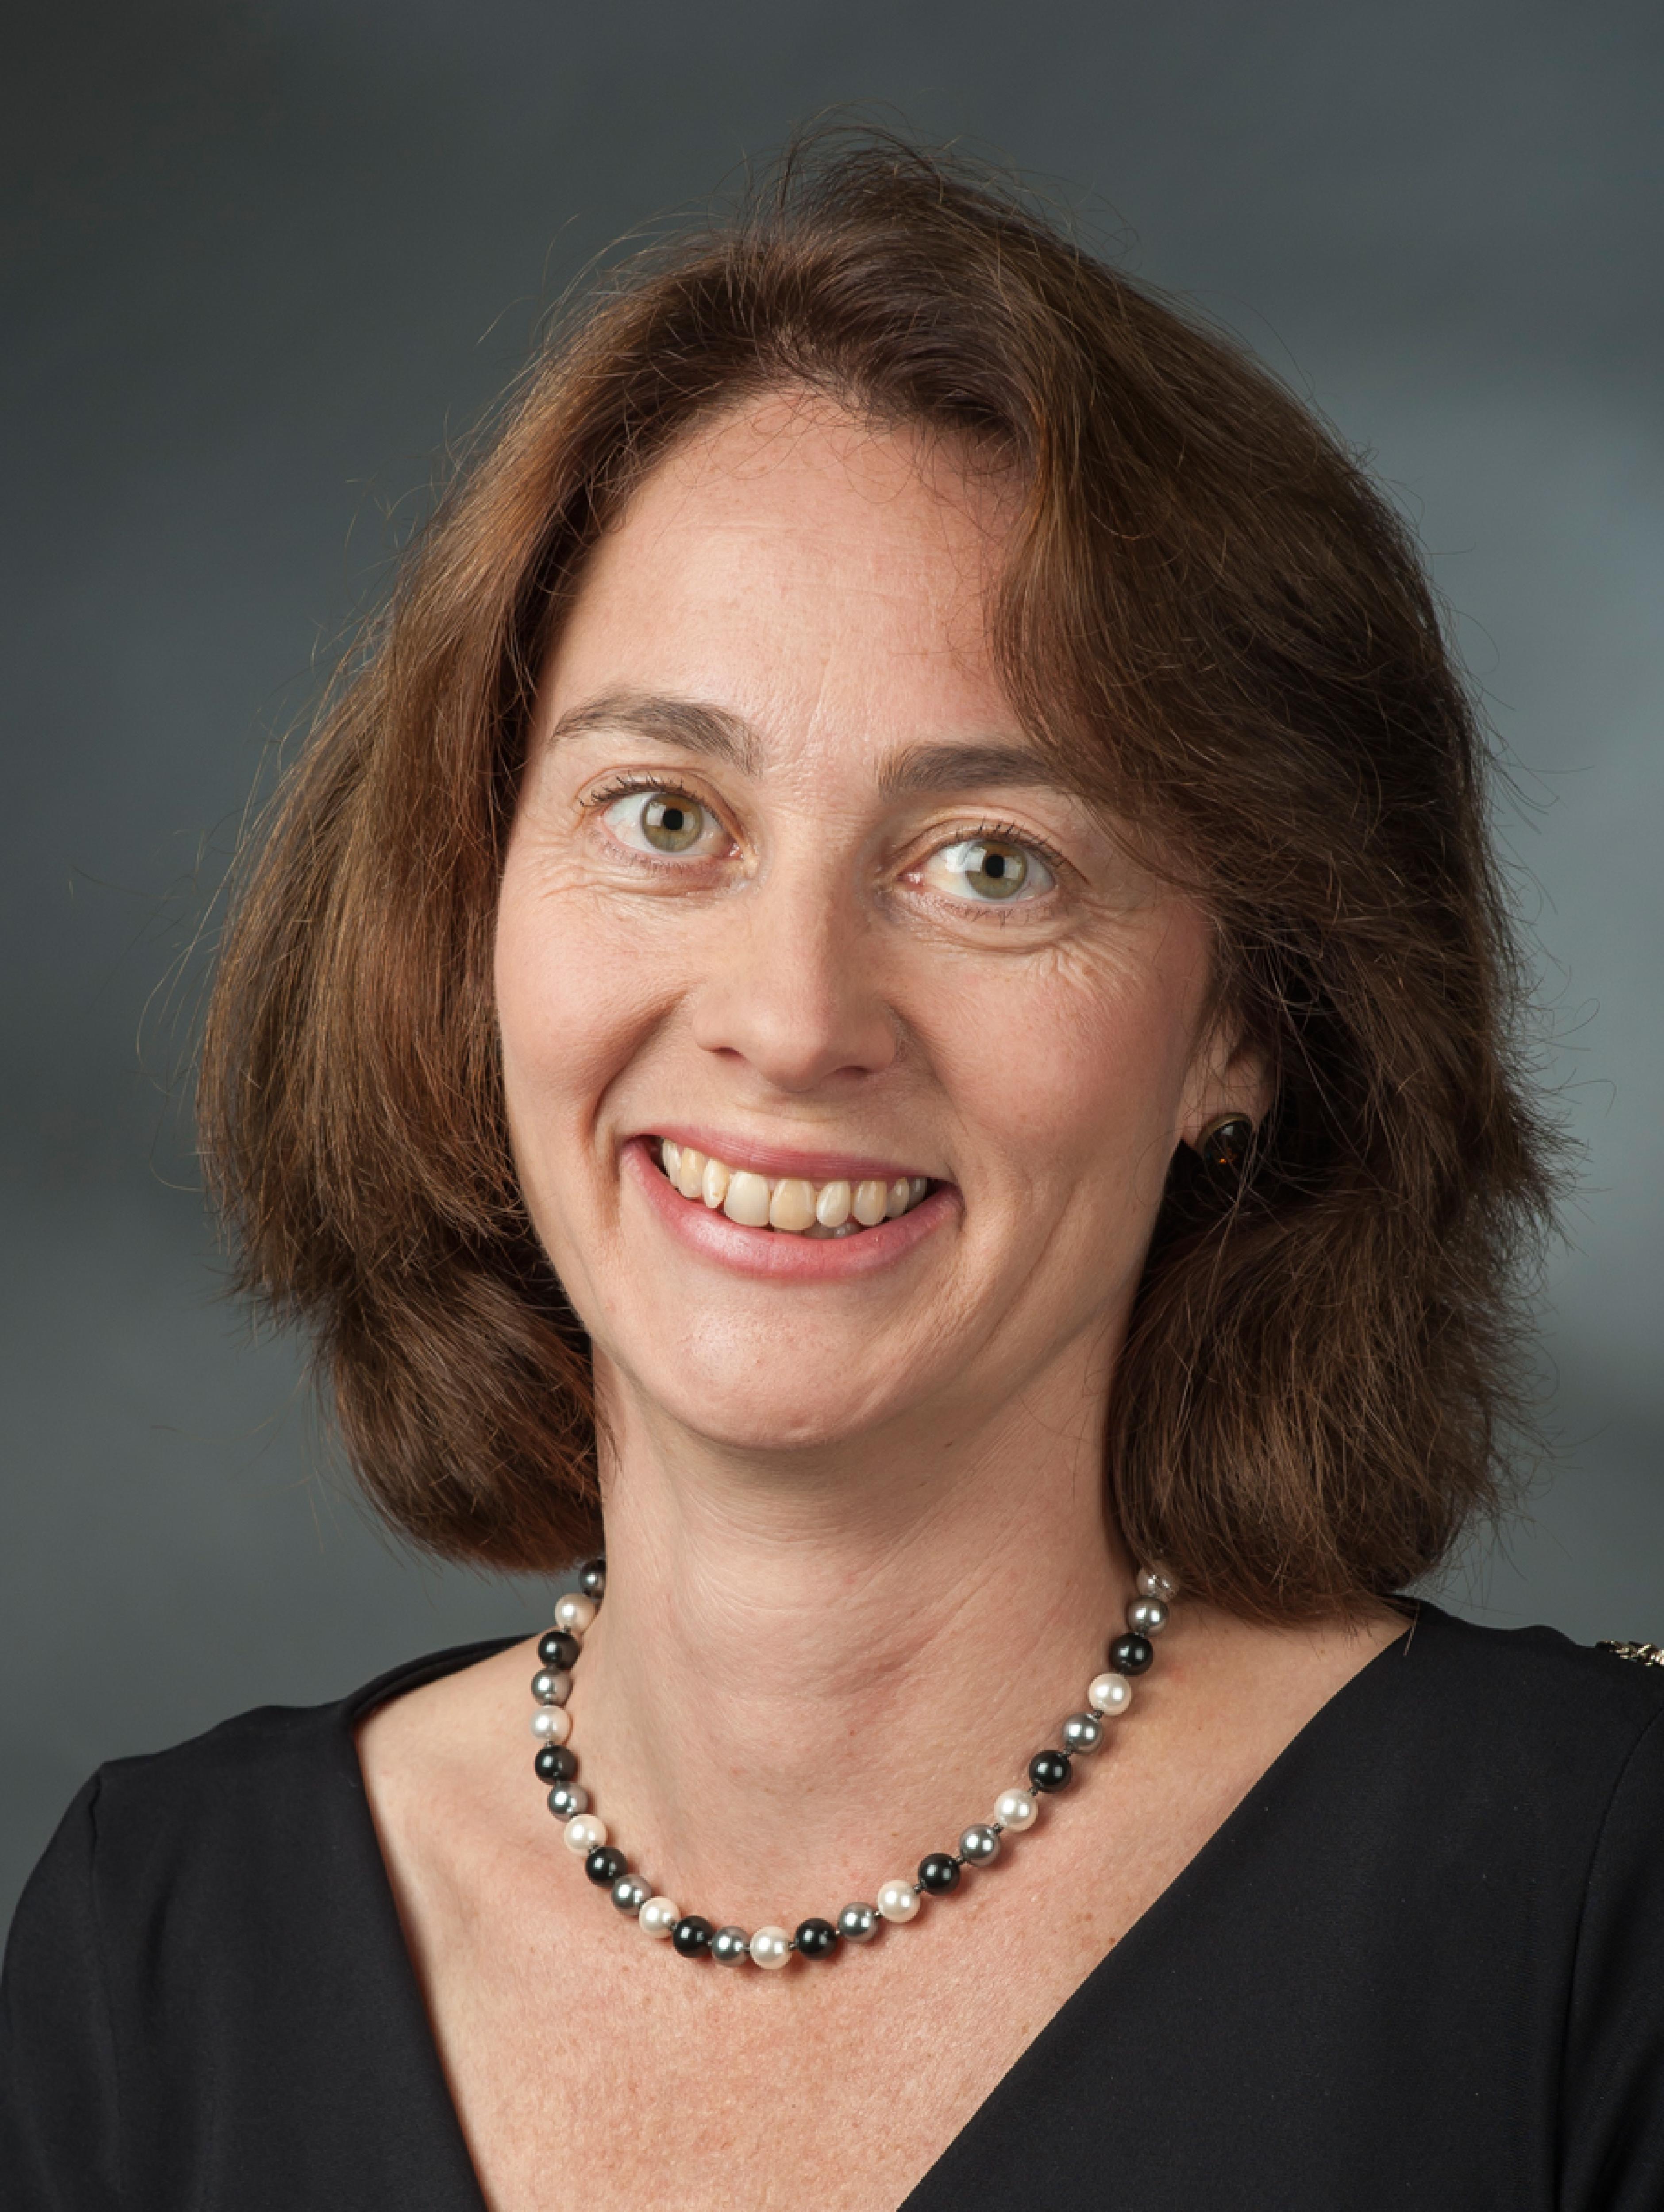 Katarina Barley, Bundesministerin der Justiz und für Verbraucherschutz